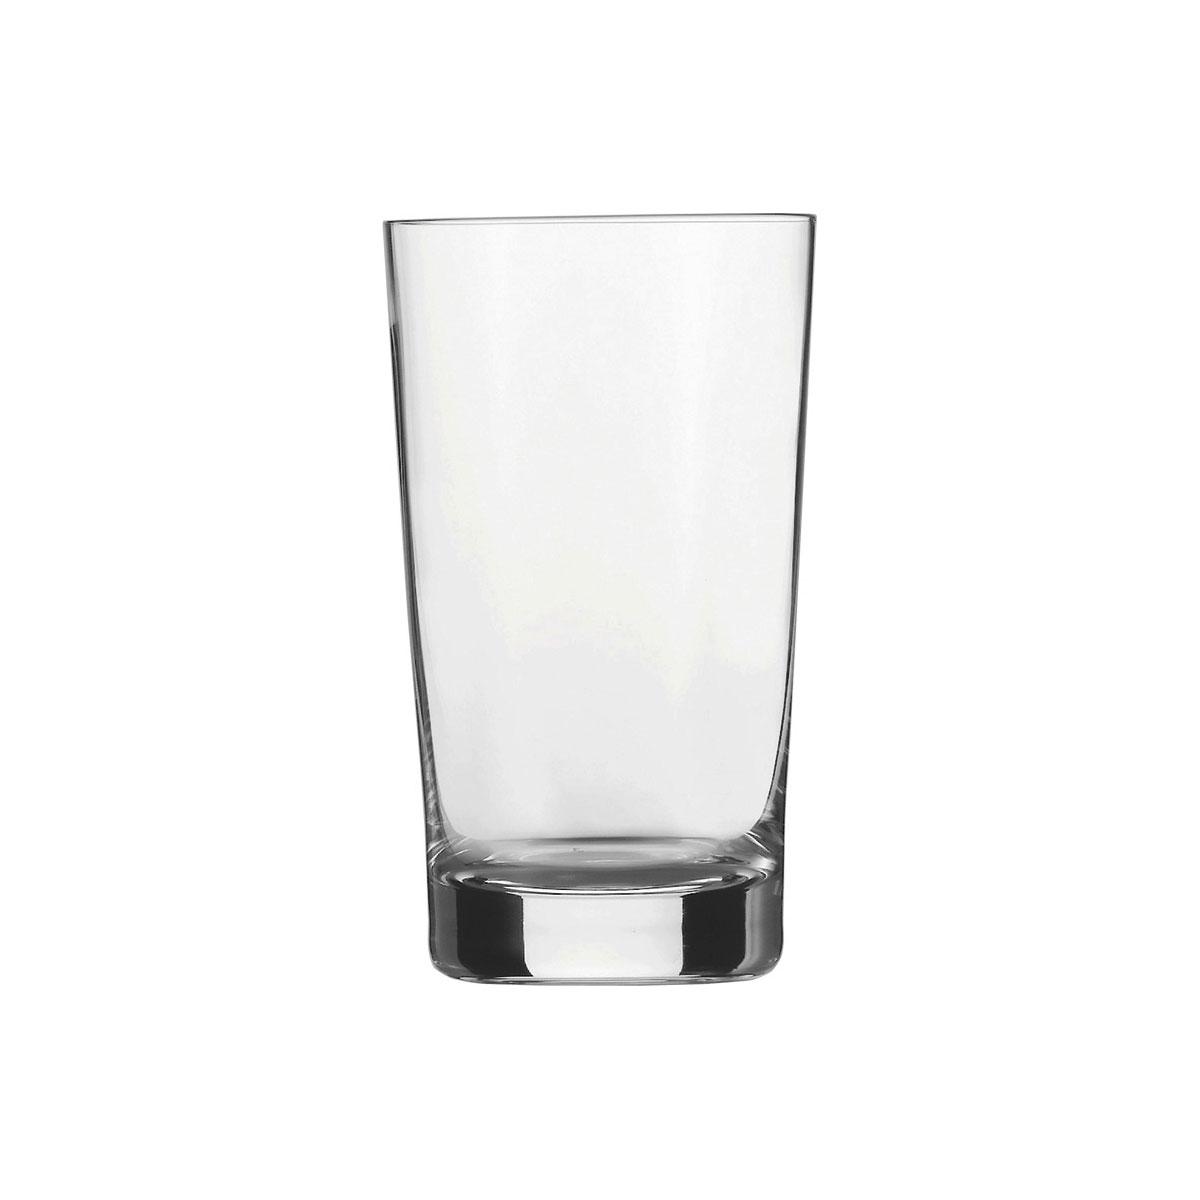 Schott Zwiesel Tritan Crystal, Charles Schumann Allround, Single